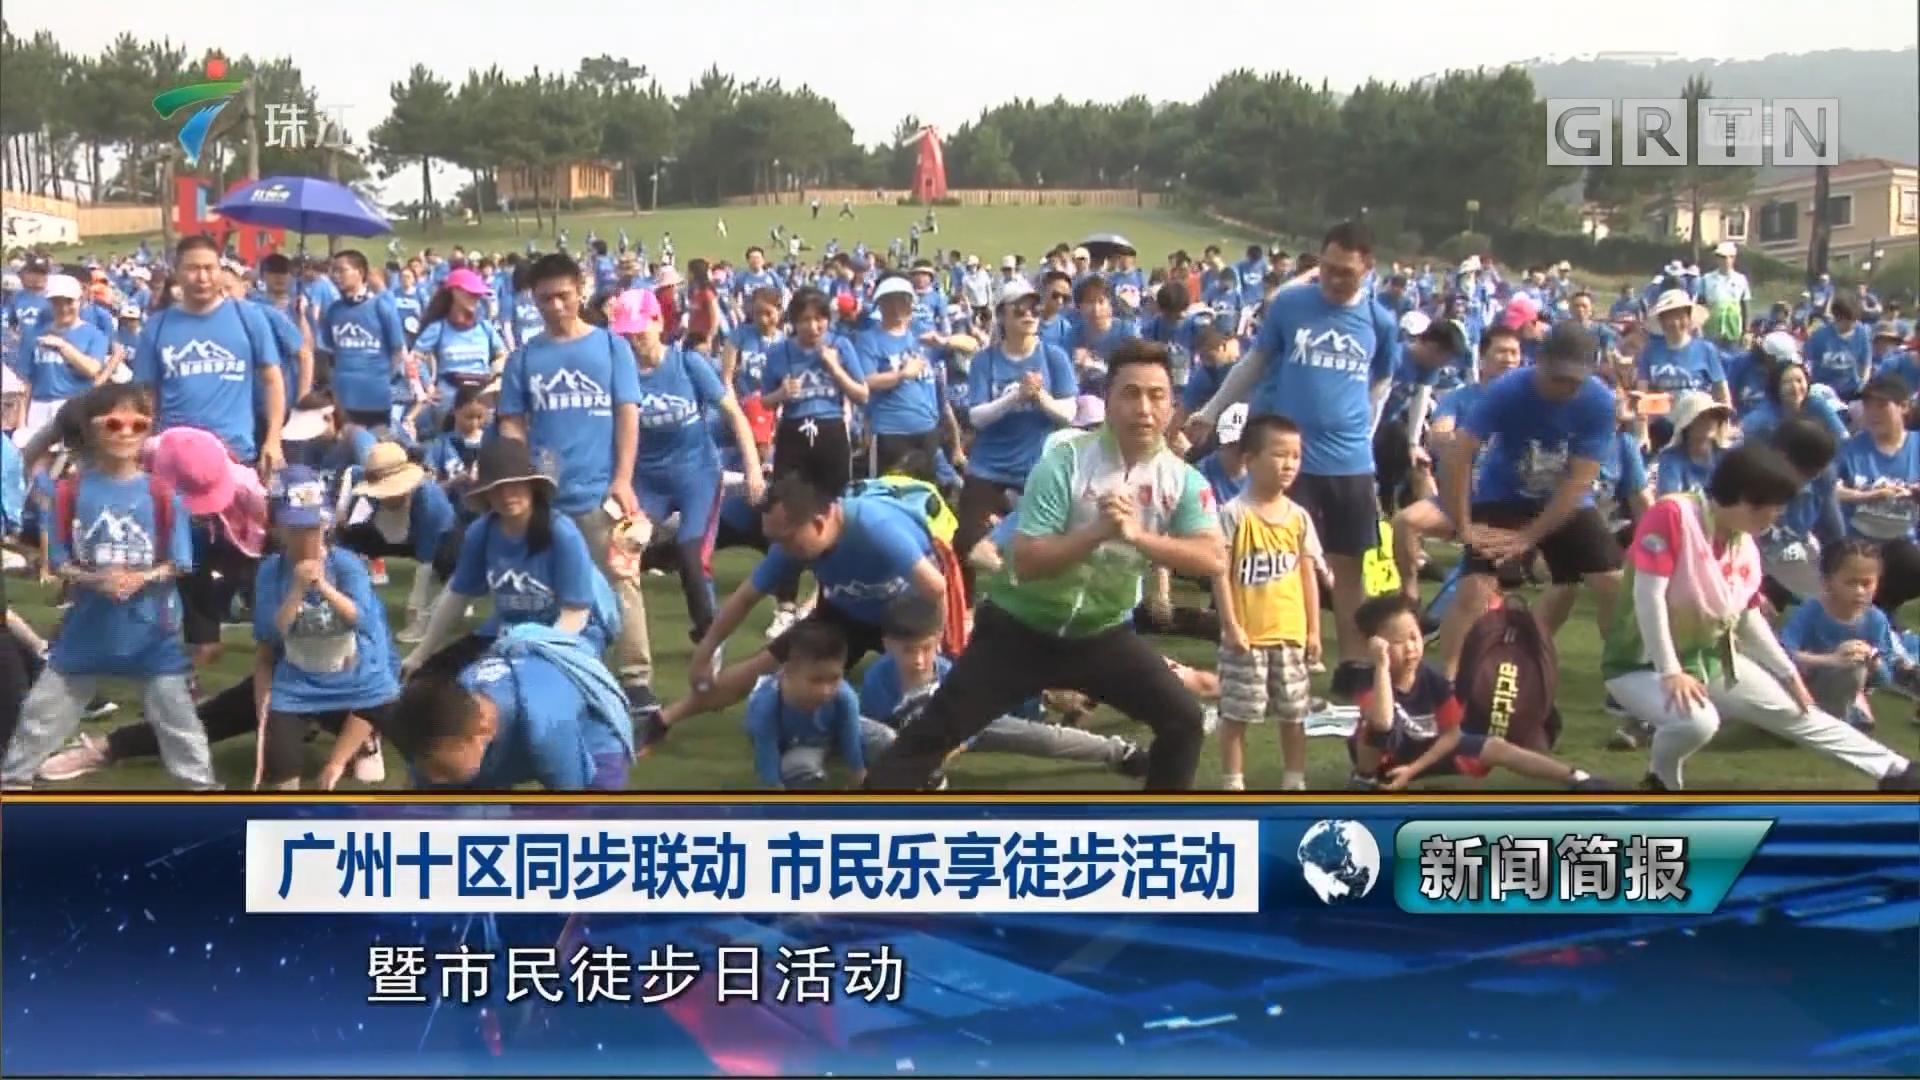 广州十区同步联动 市民乐享徒步活动